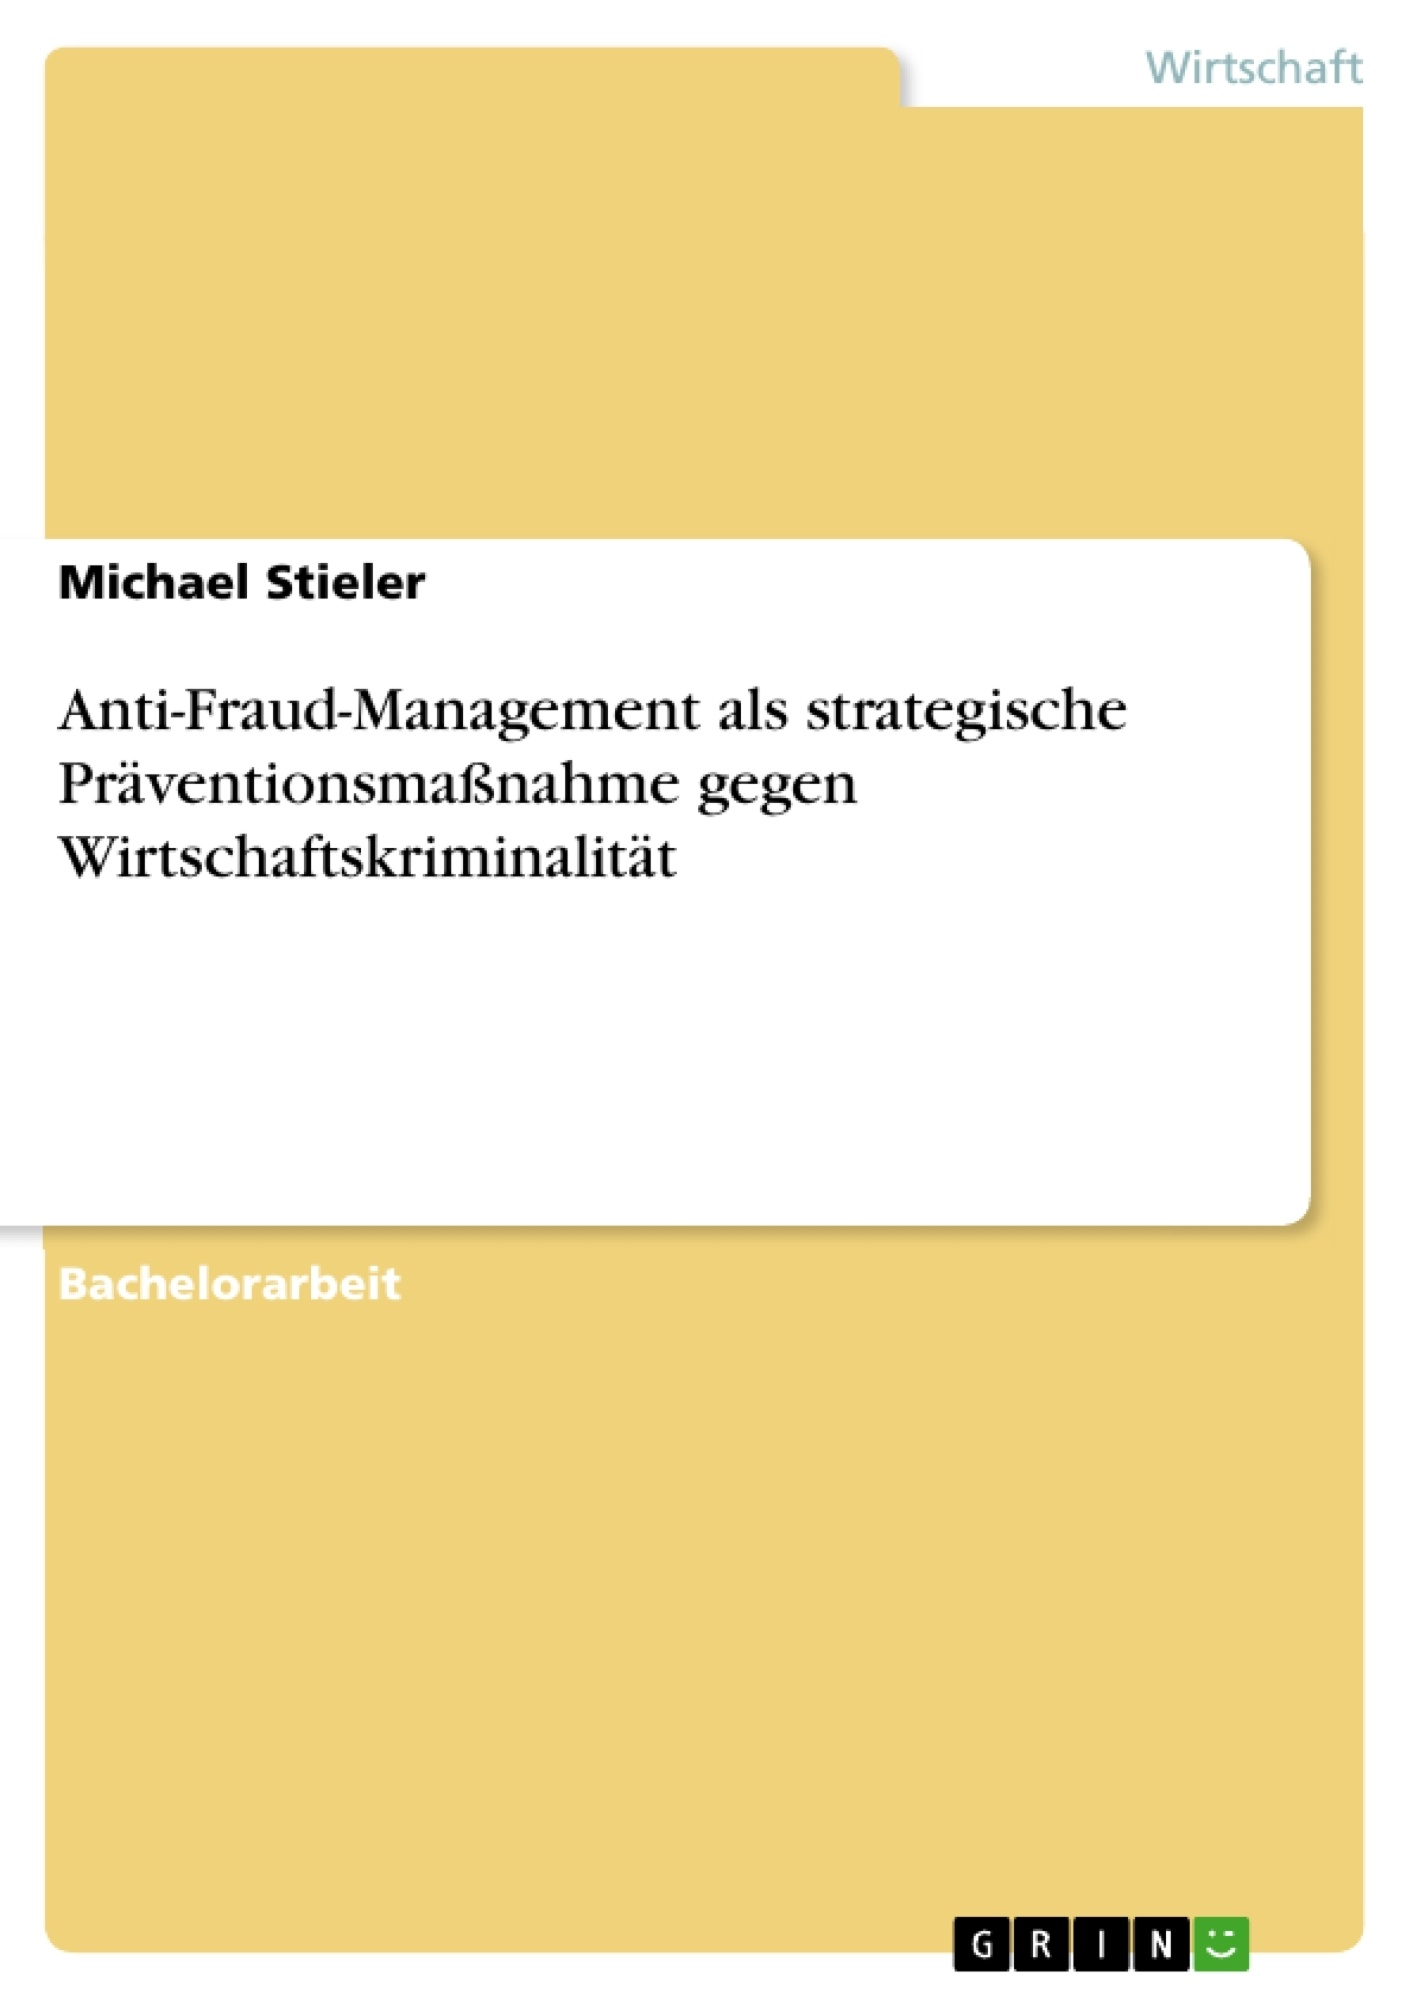 Titel: Anti-Fraud-Management als strategische Präventionsmaßnahme gegen Wirtschaftskriminalität